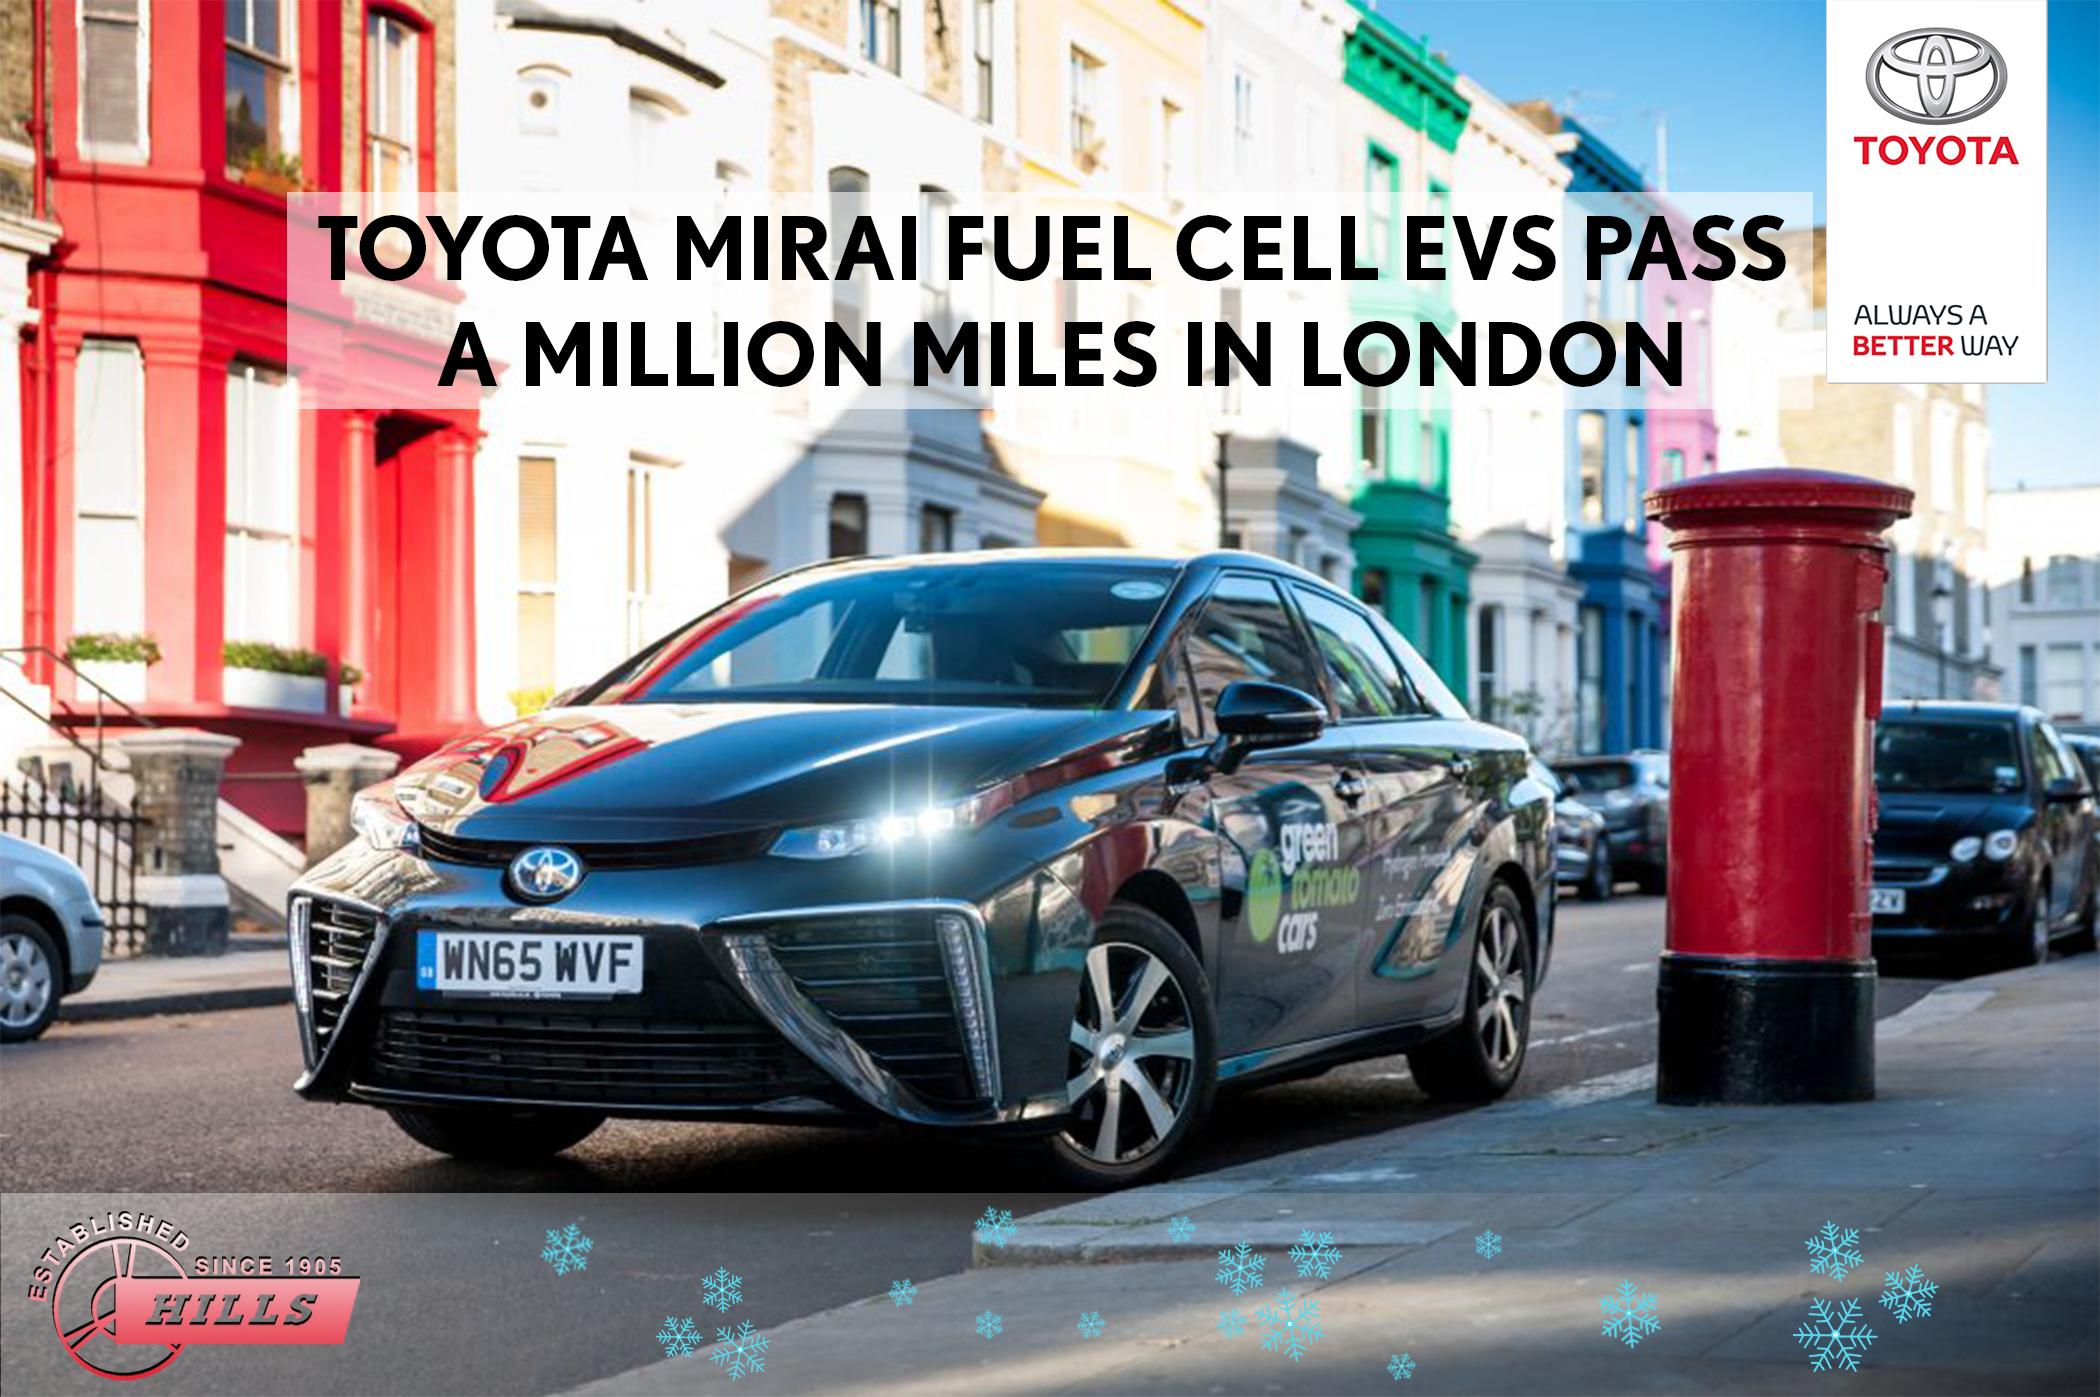 A fleet of 27 hydrogen fuel cell Toyota Mirai cars